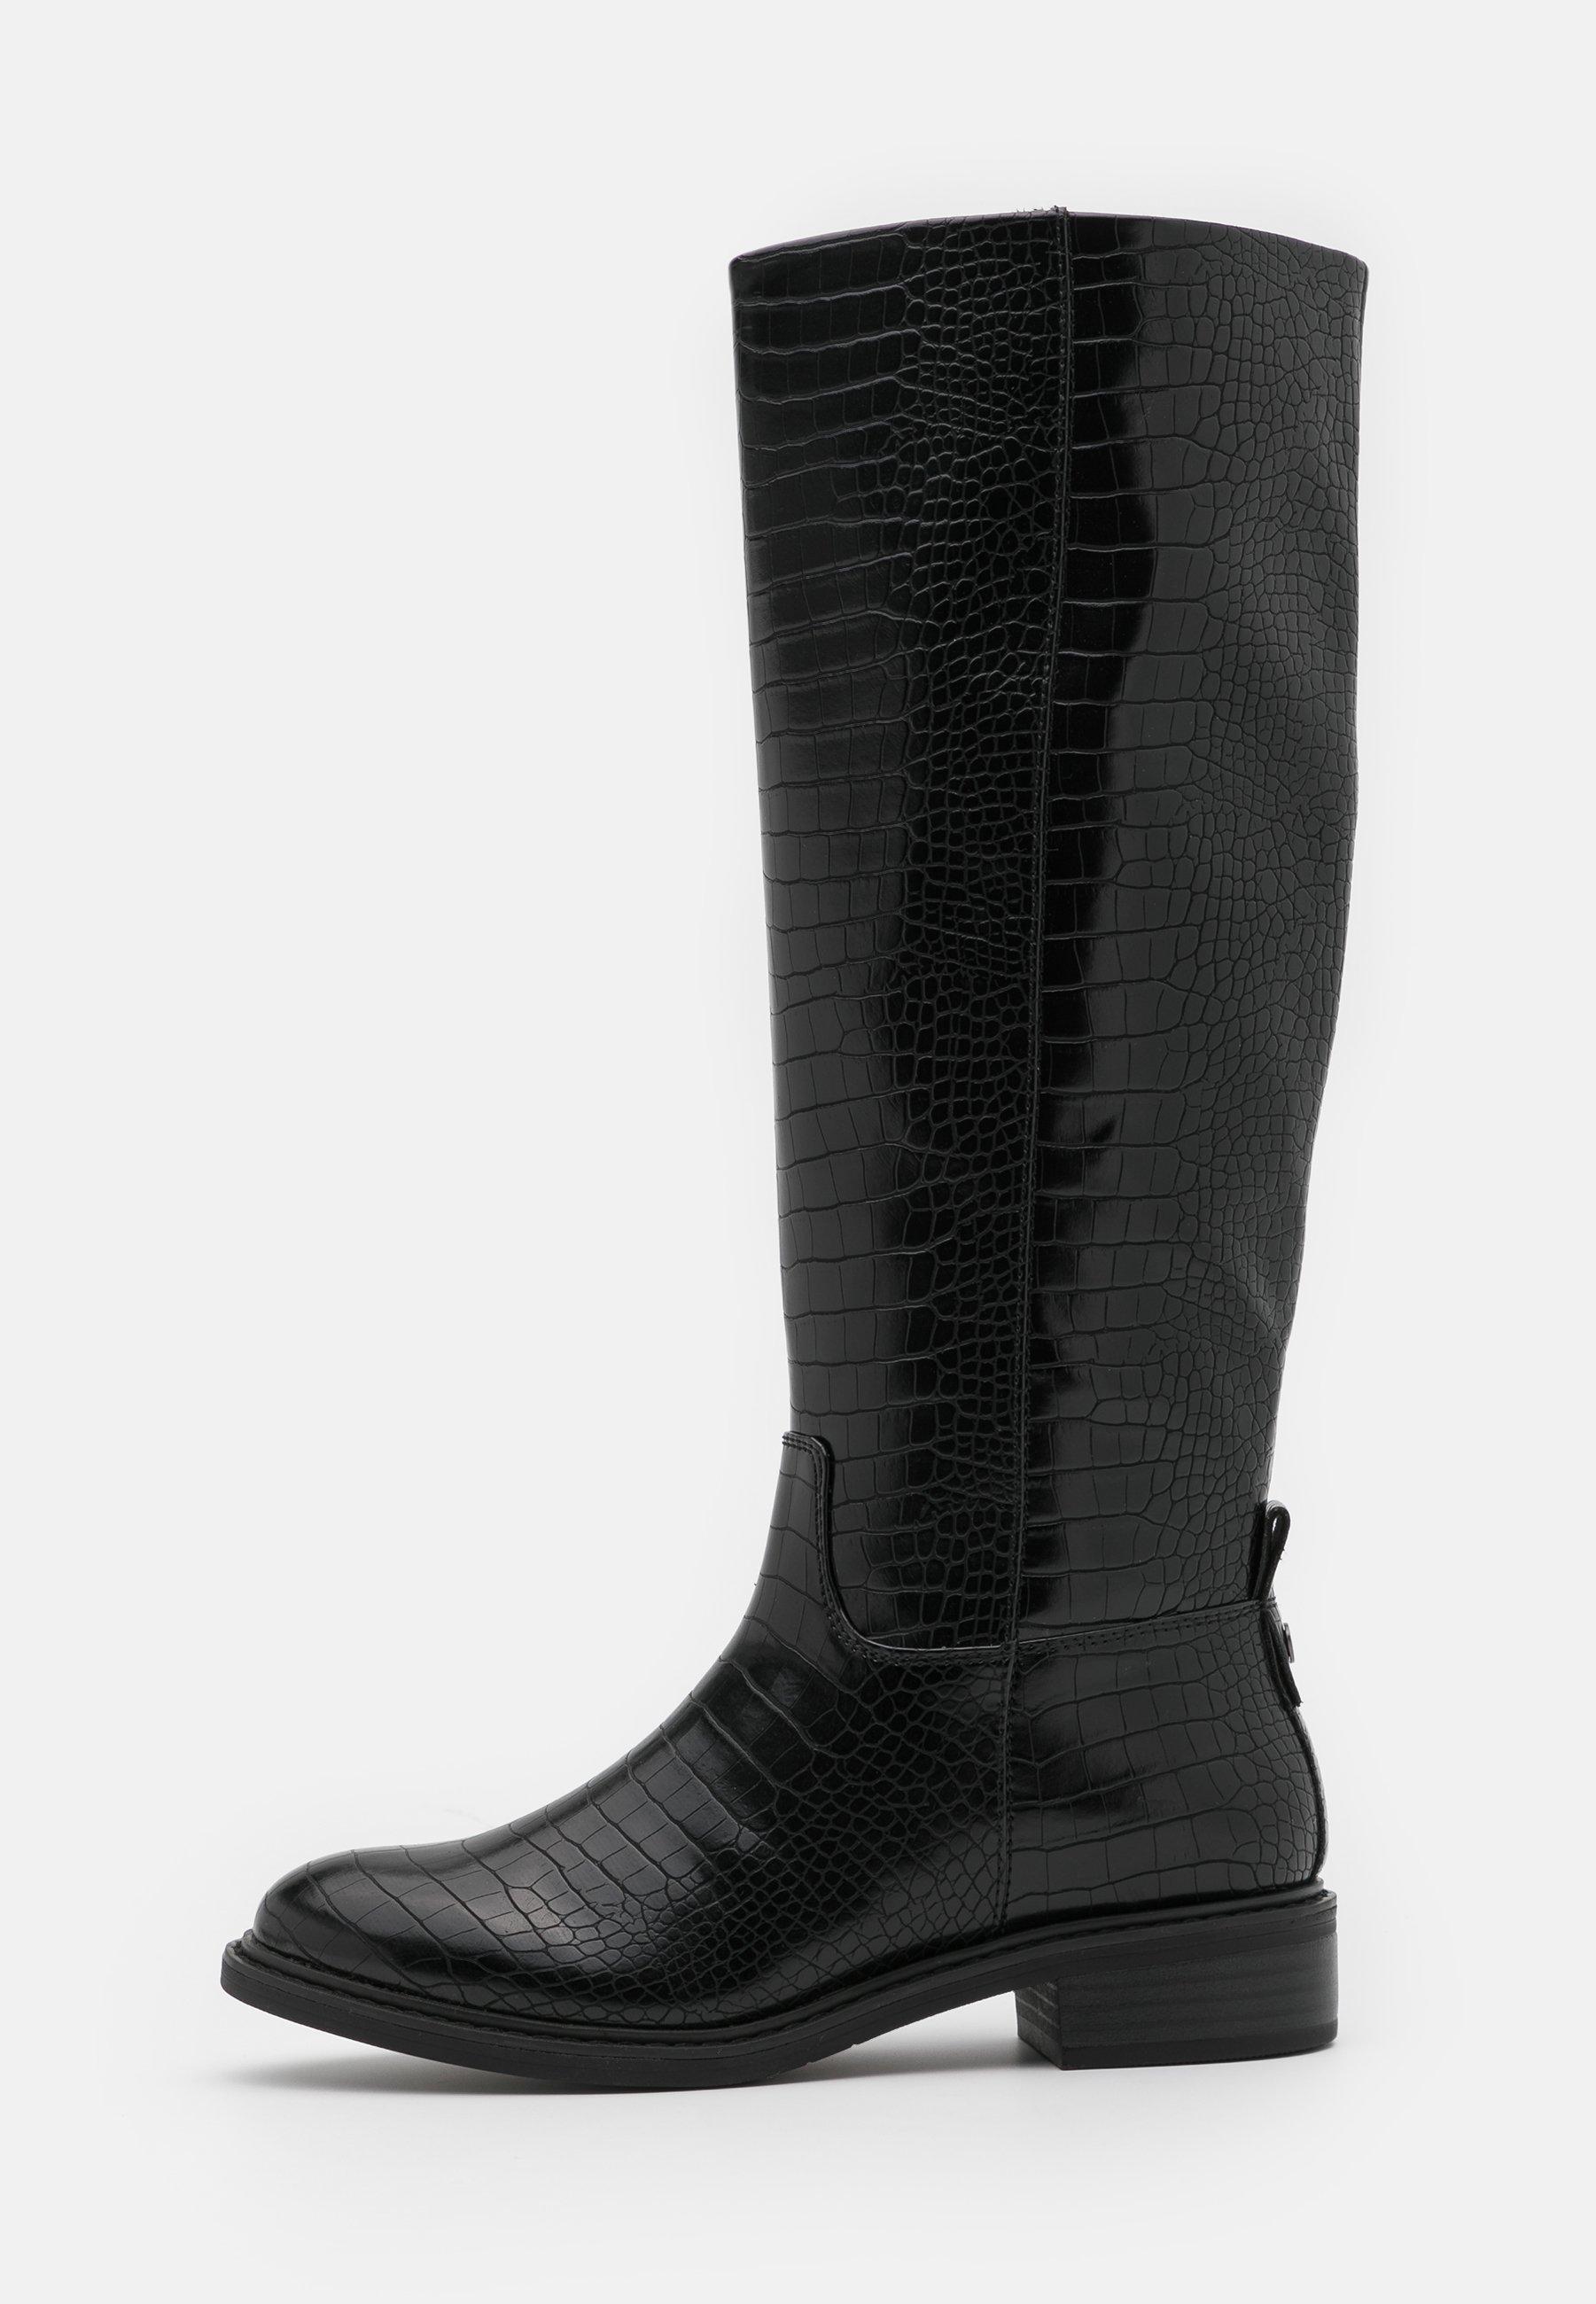 Tamaris Boots - Stiefel Black Matt/schwarz